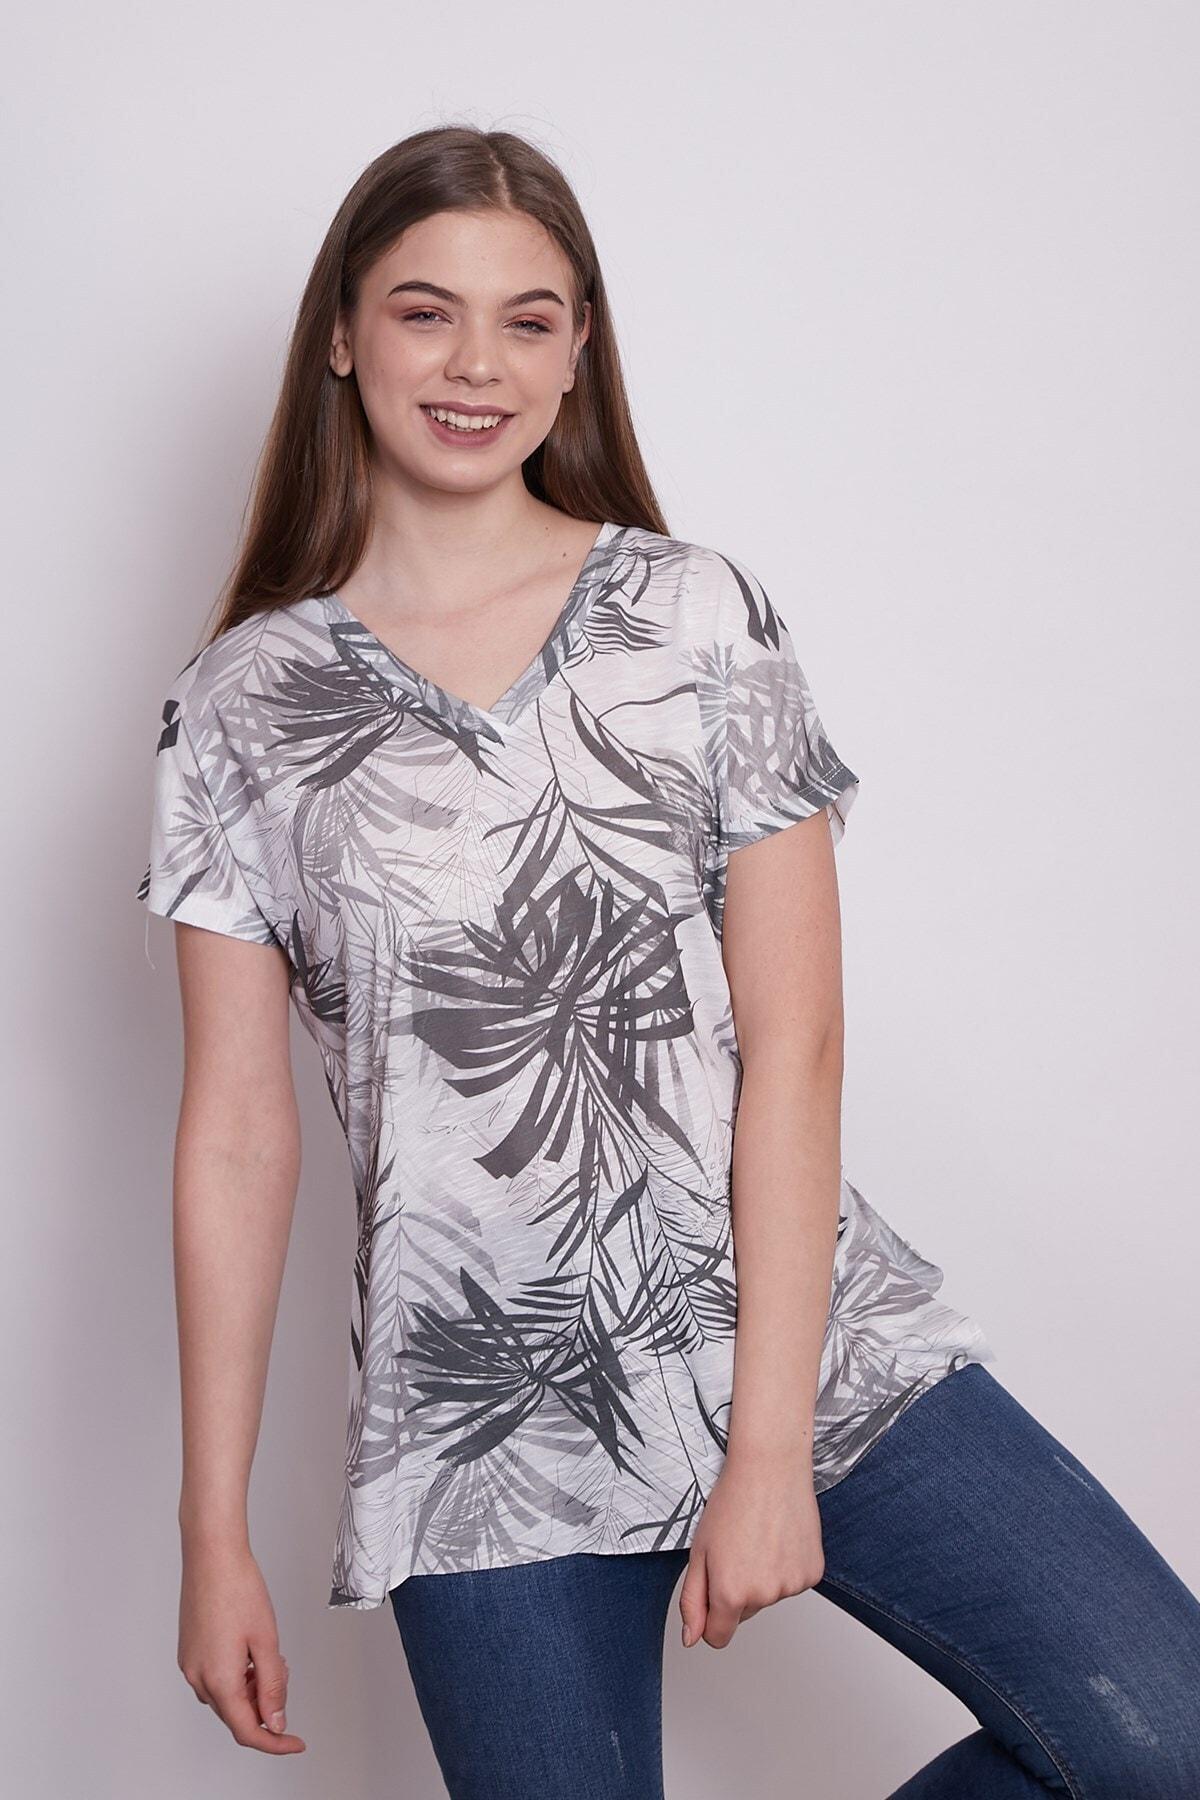 Jument Kadın Desenli V Yaka Düşük Omuzlu Yanları Yırtmaçlı Rahat Kesim Tshirt-palmiye Desen 1